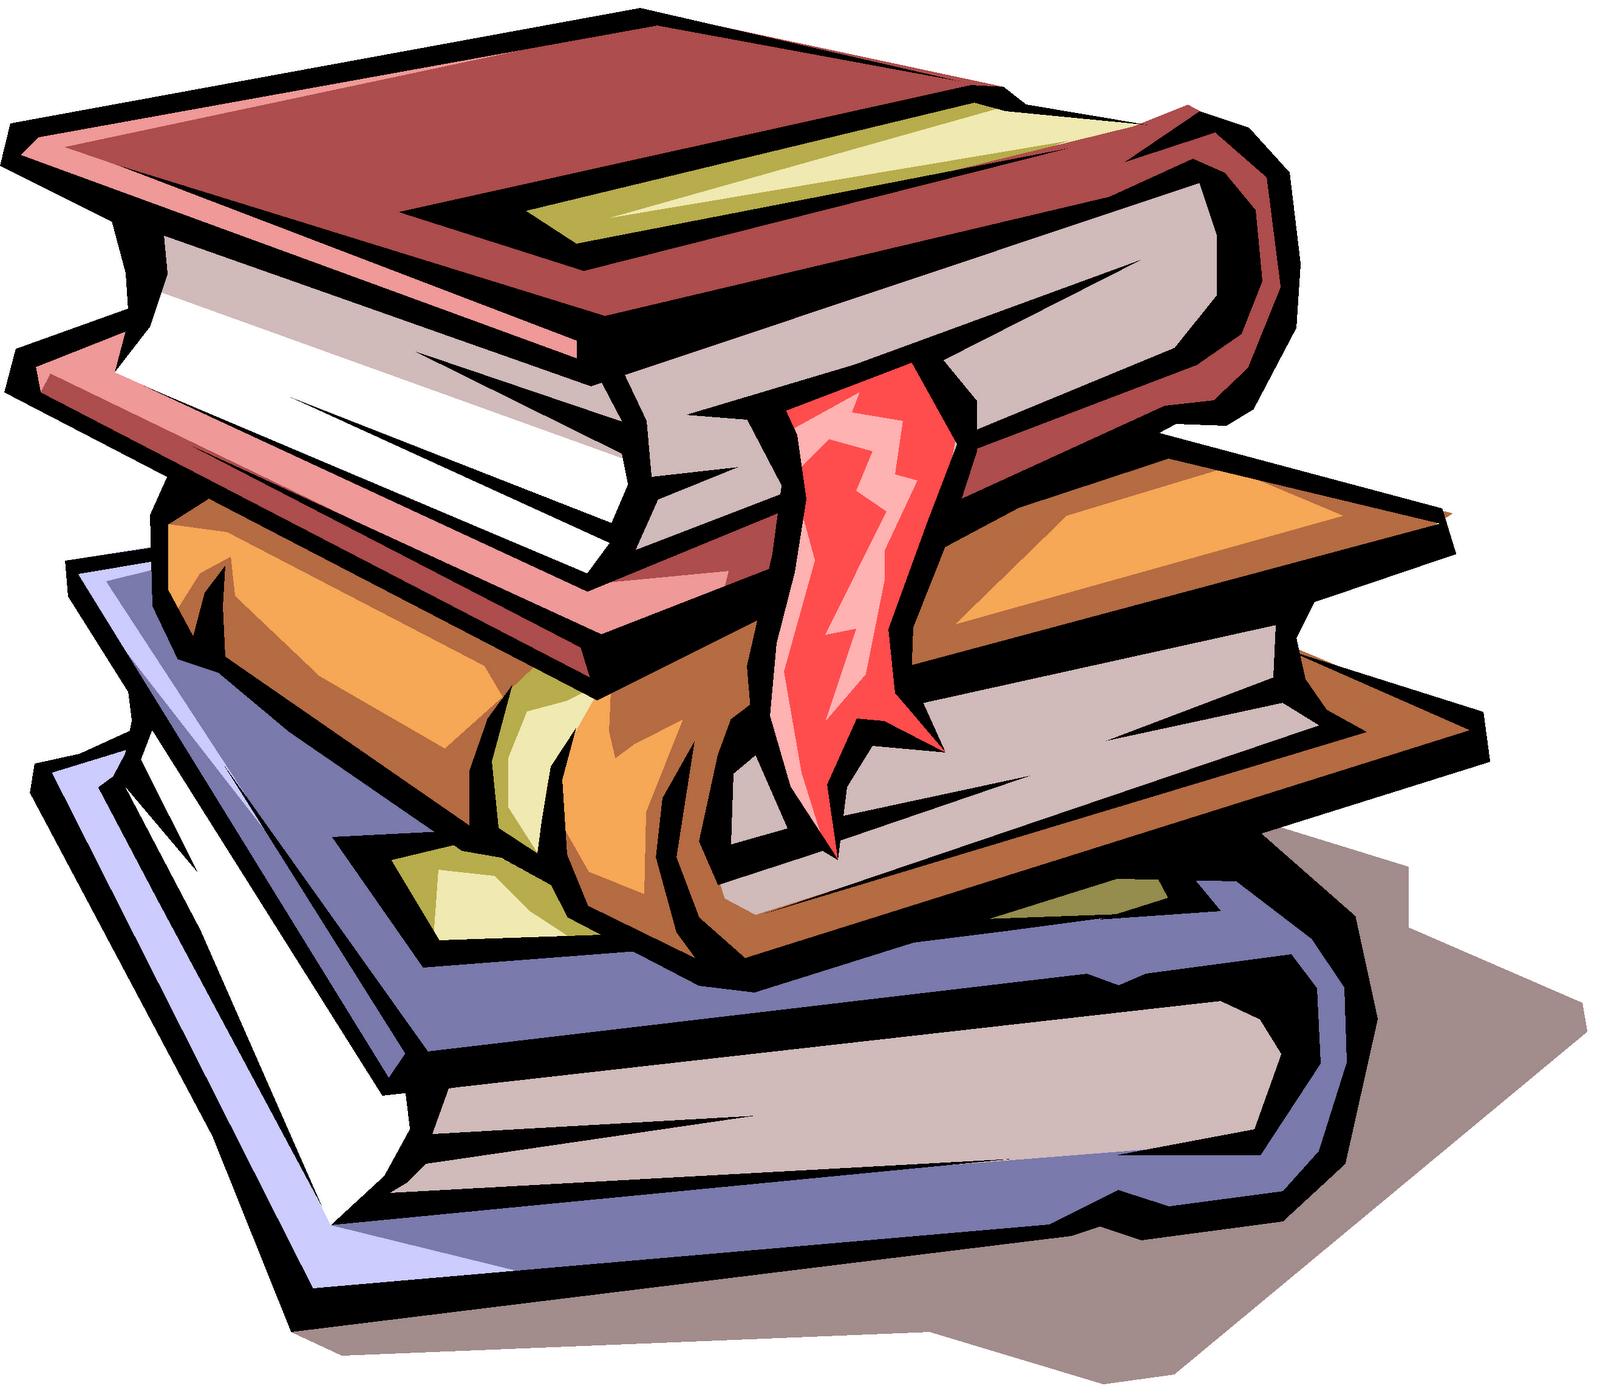 Image gallery libros dibujos - Imagenes de librerias ...